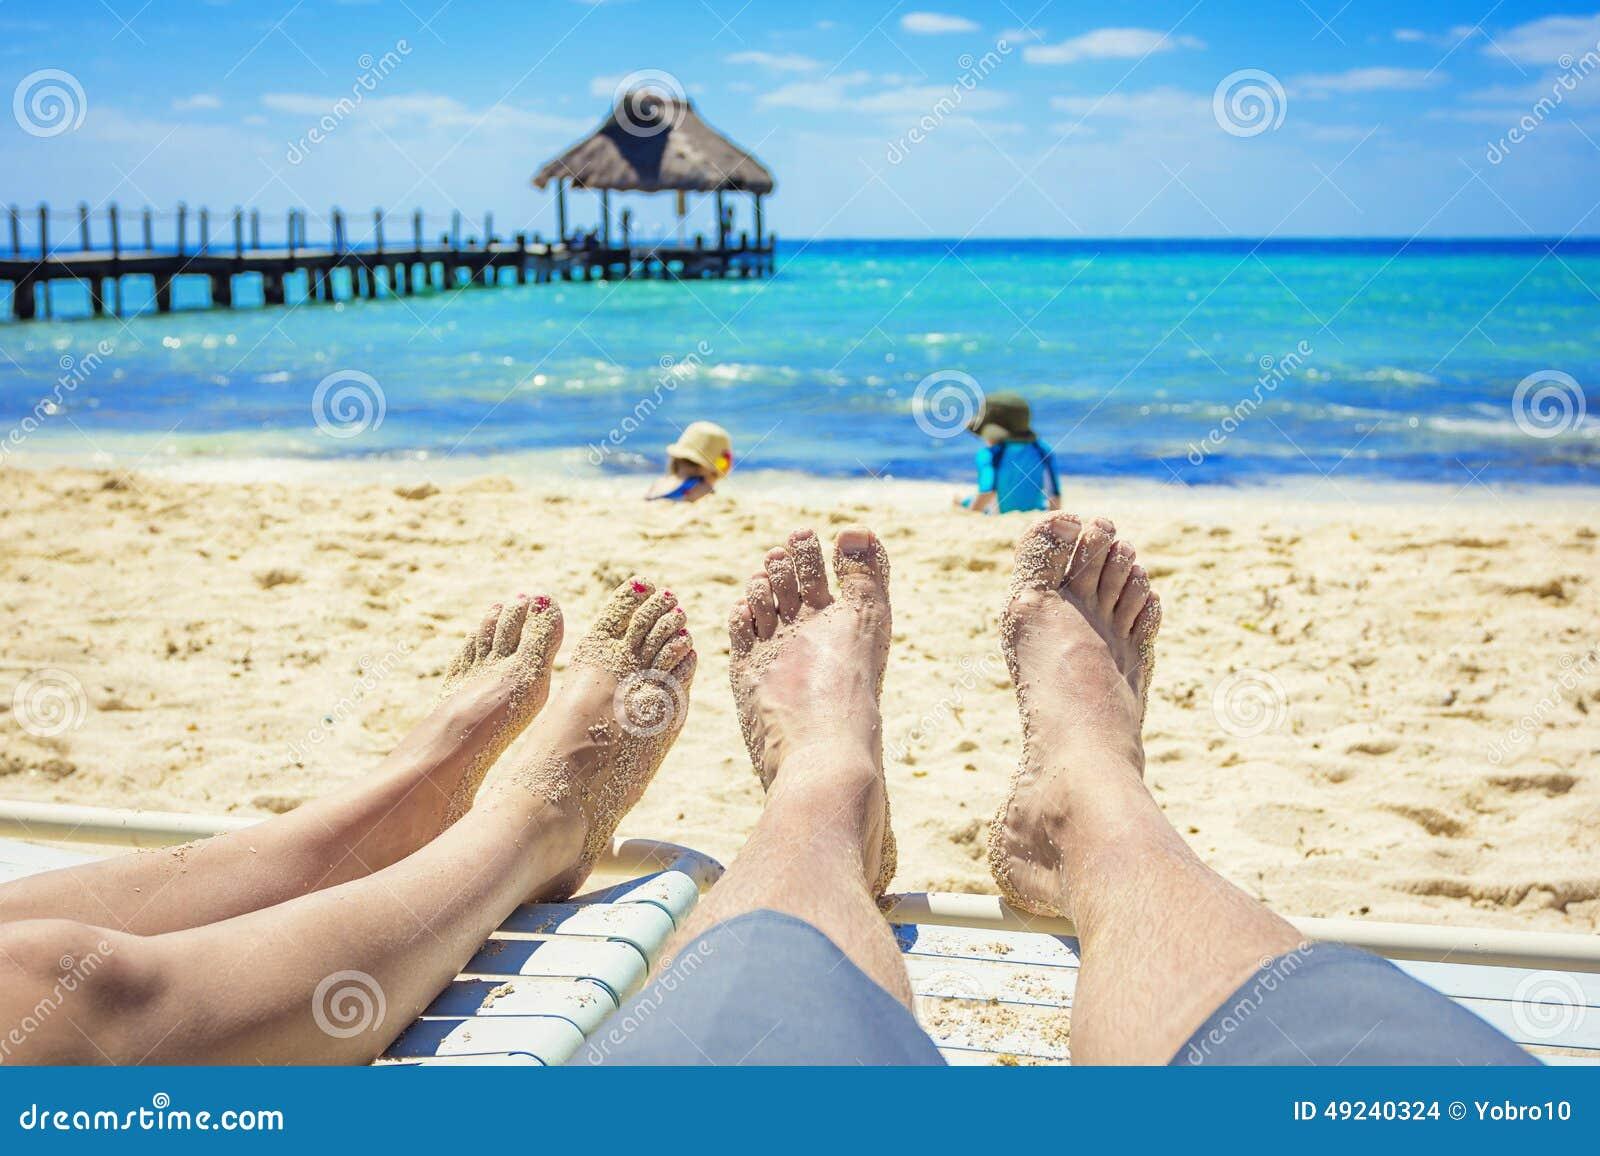 Par jugar en la playa nudista